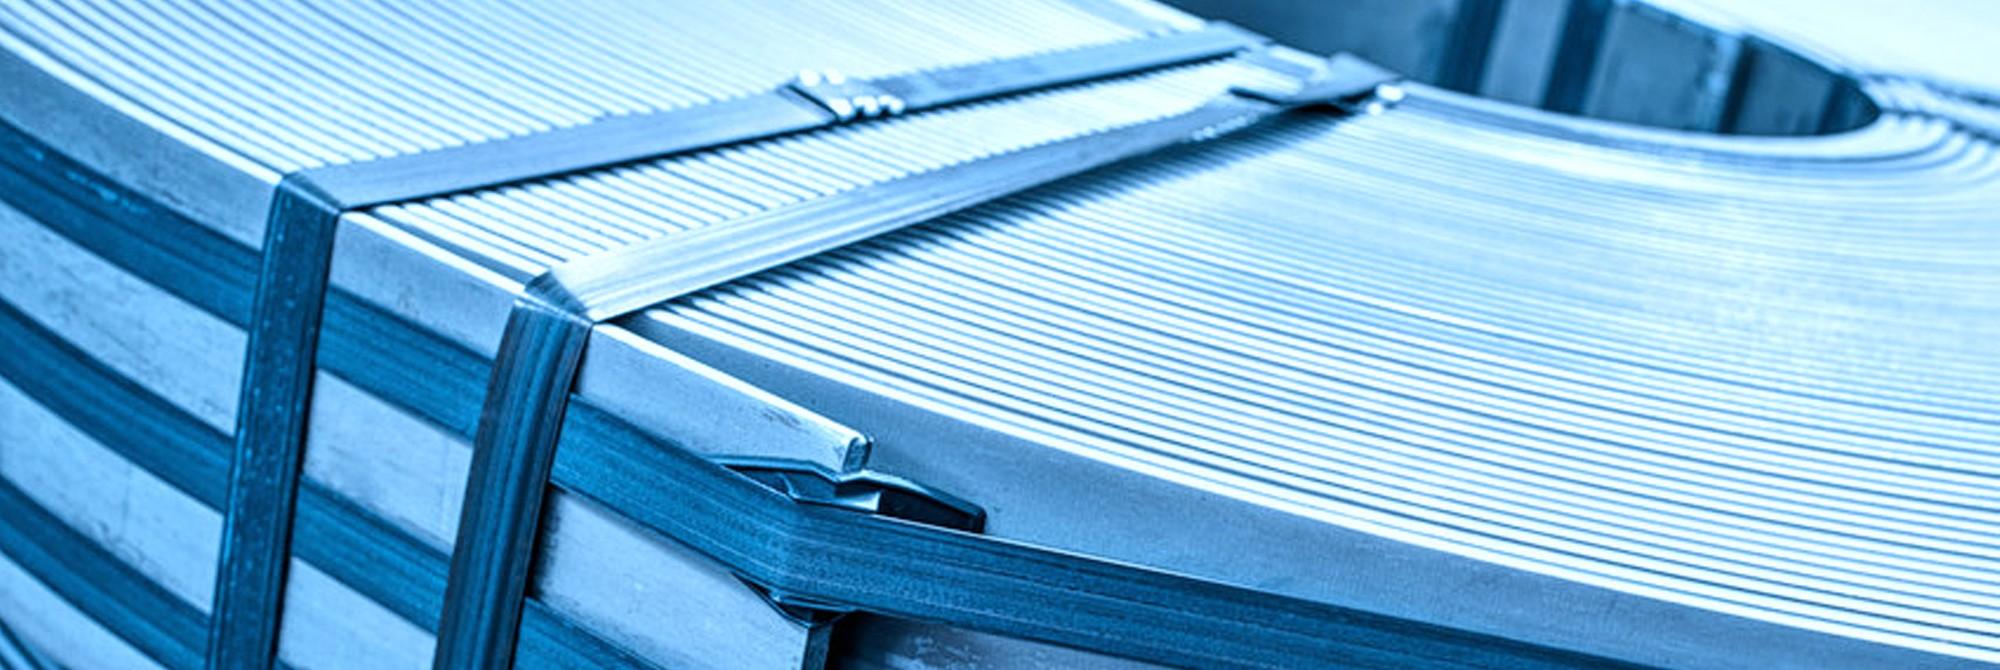 tkMNA - thyssenkrupp Steel Services